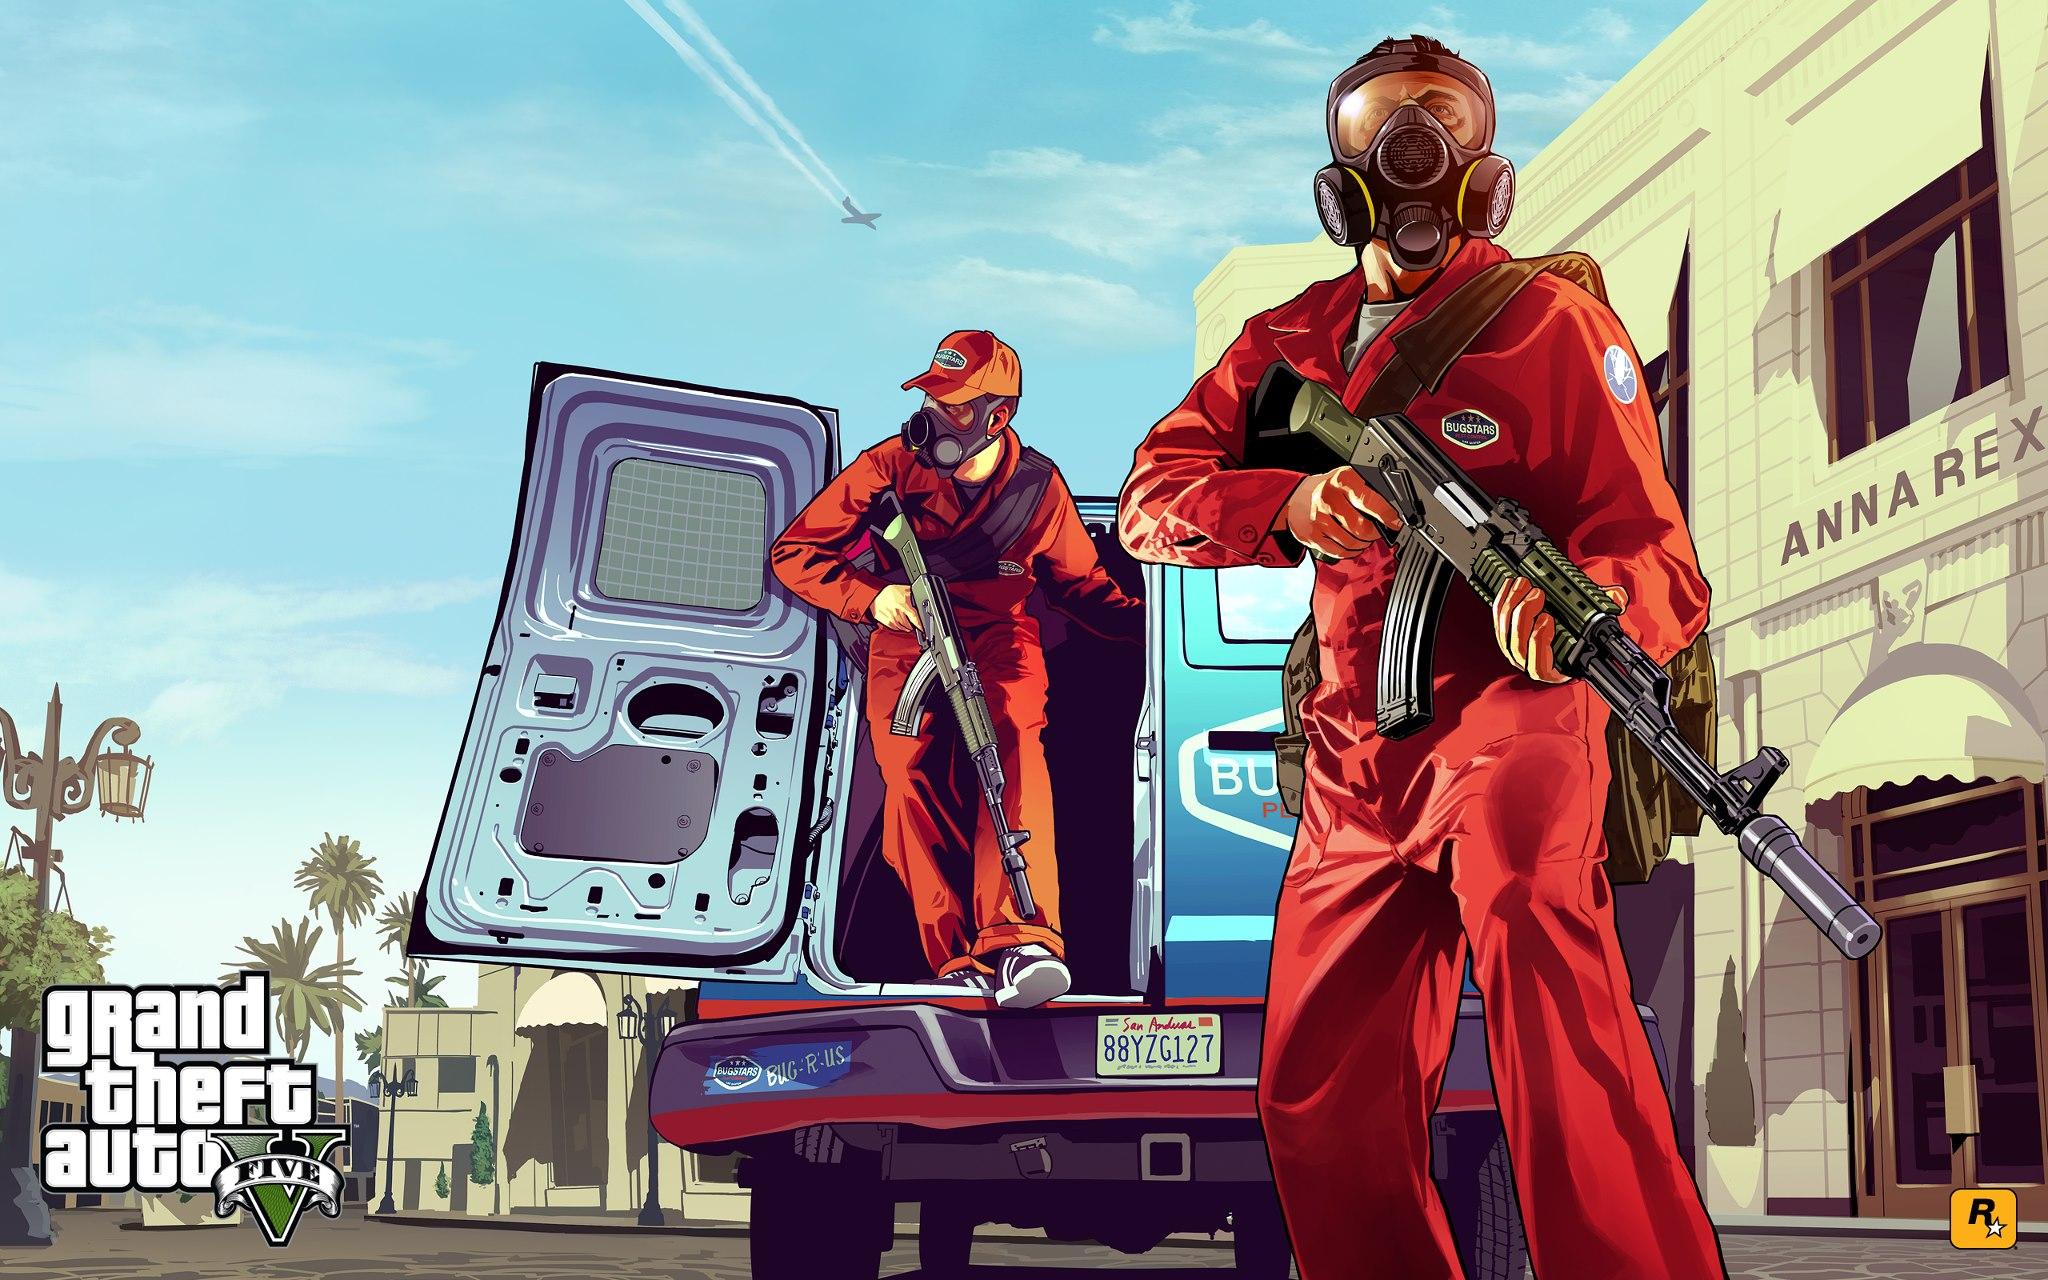 GTA 5 artwork - GTA 5: Rockstar mostra il primo artwork, novità a Novembre